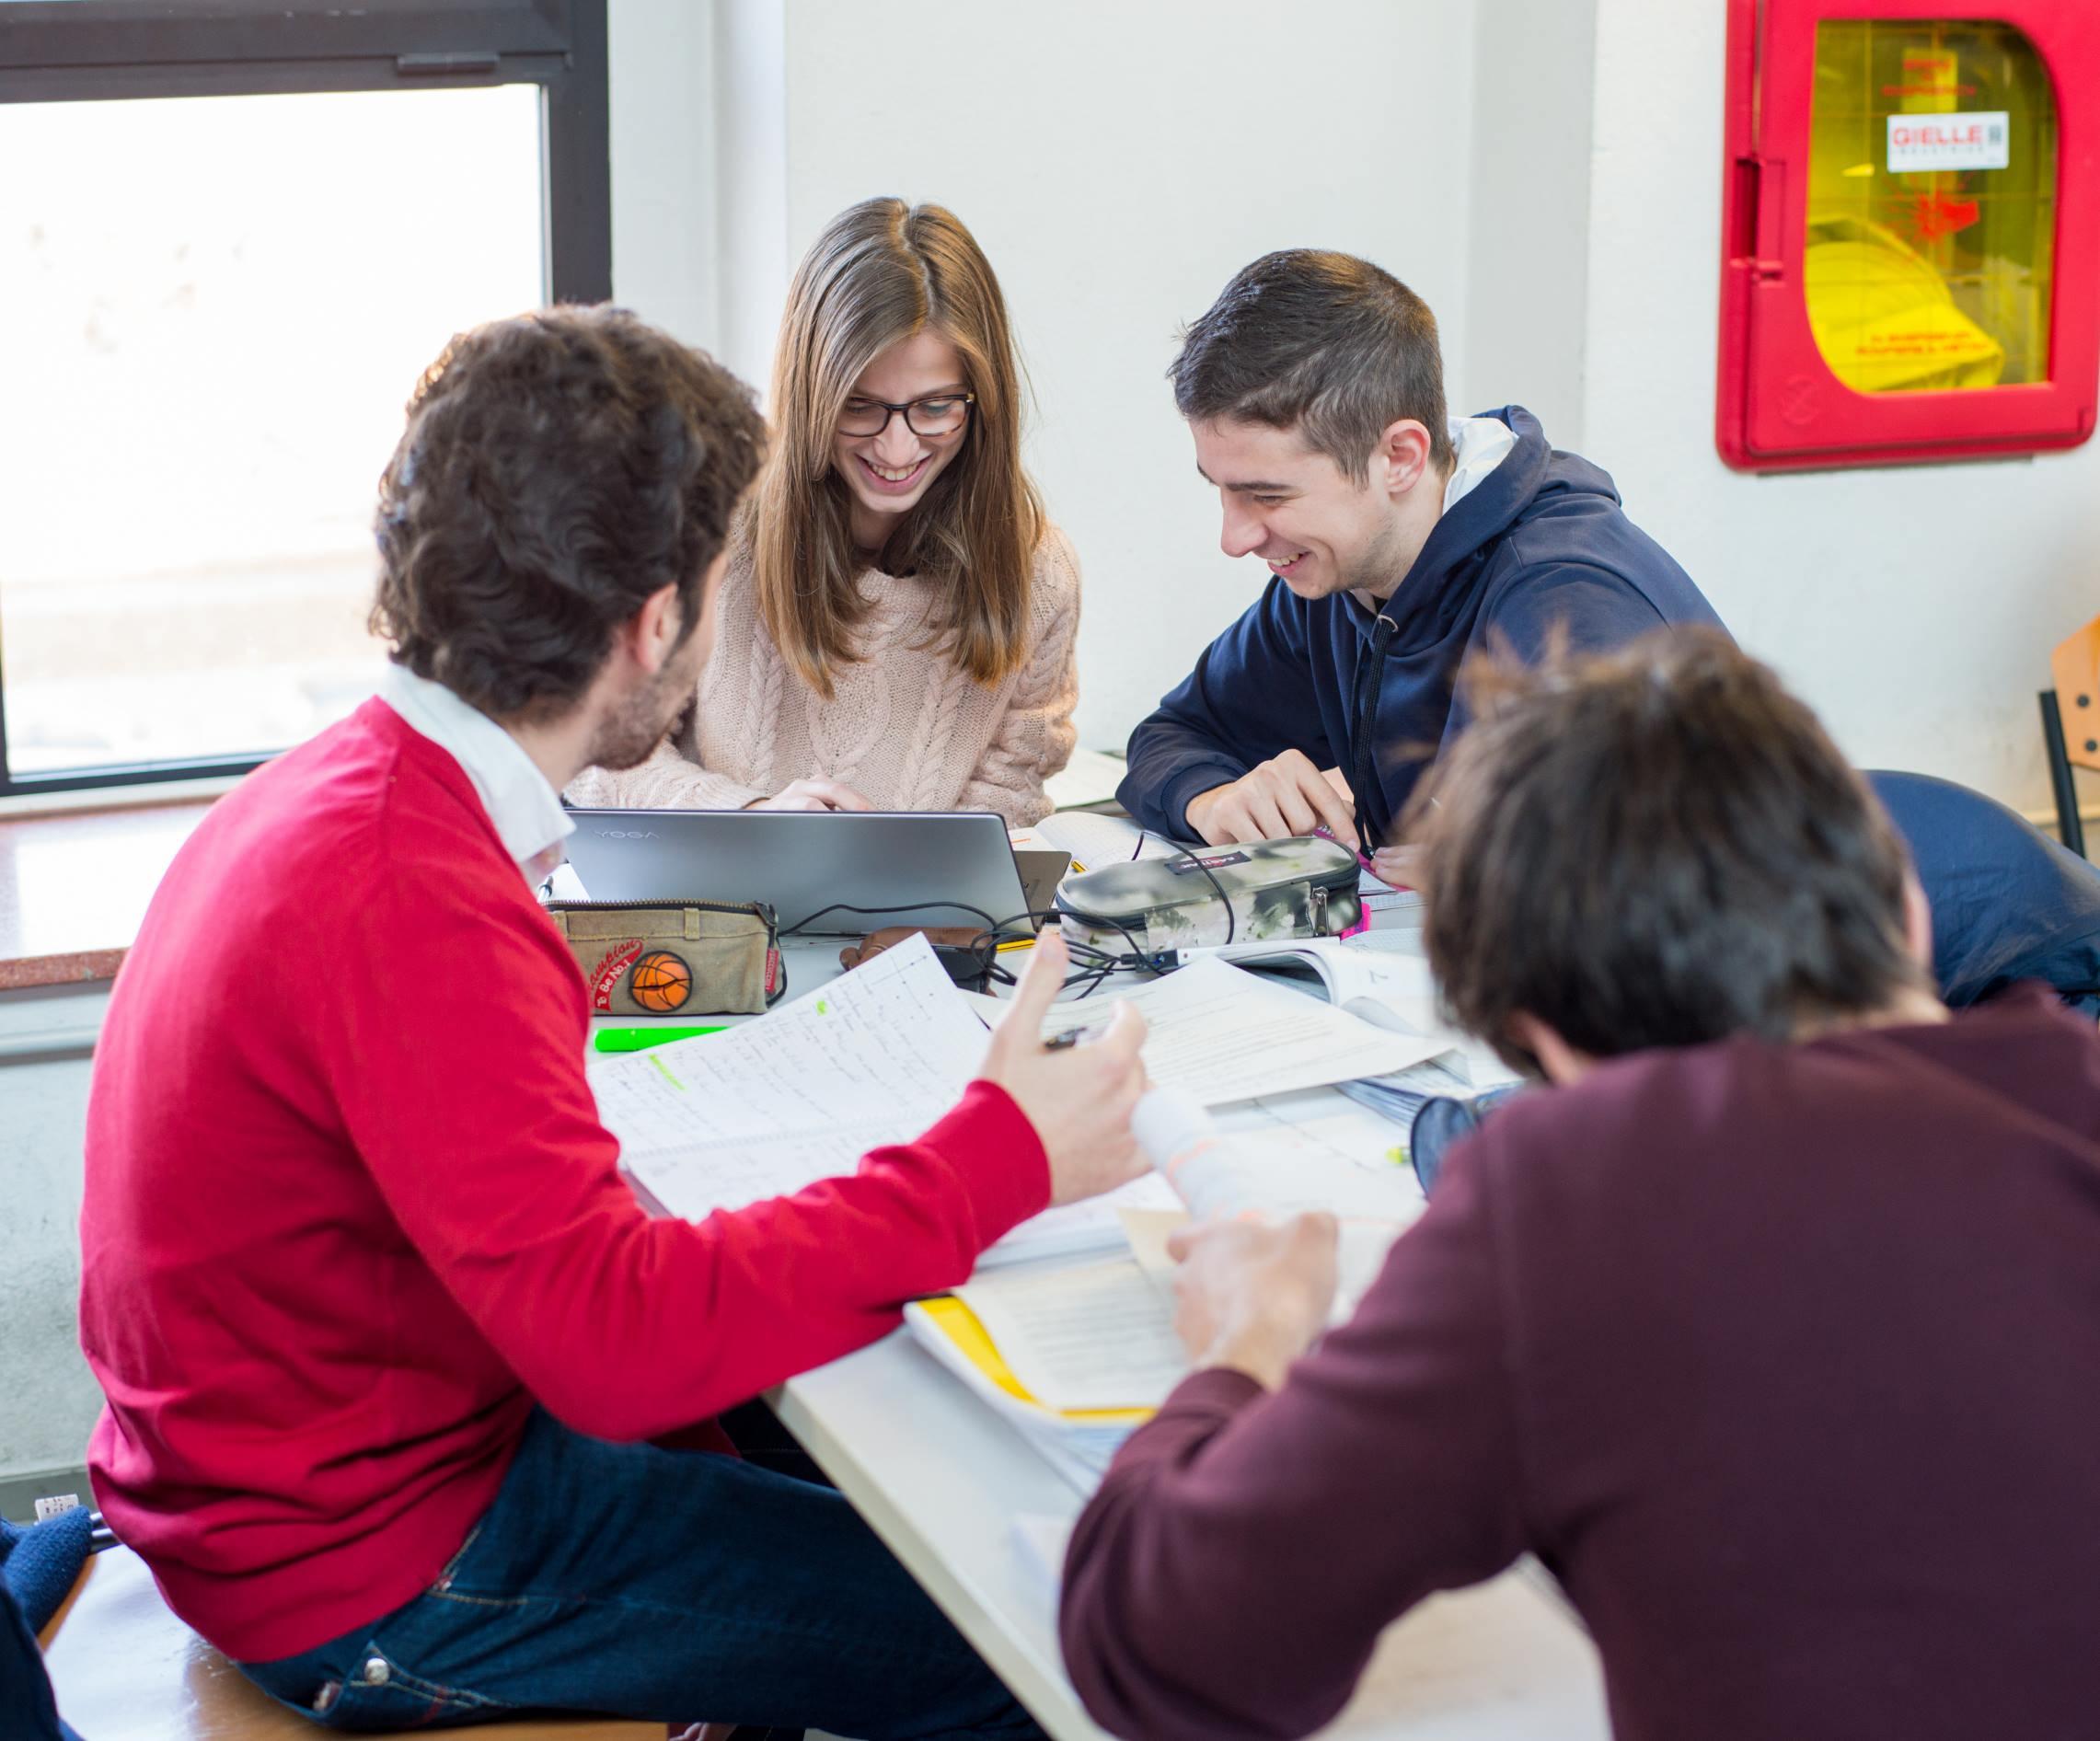 Almalaurea: occupazione e soddisfazione per il corso frequentato sopra la media per gli studenti DE